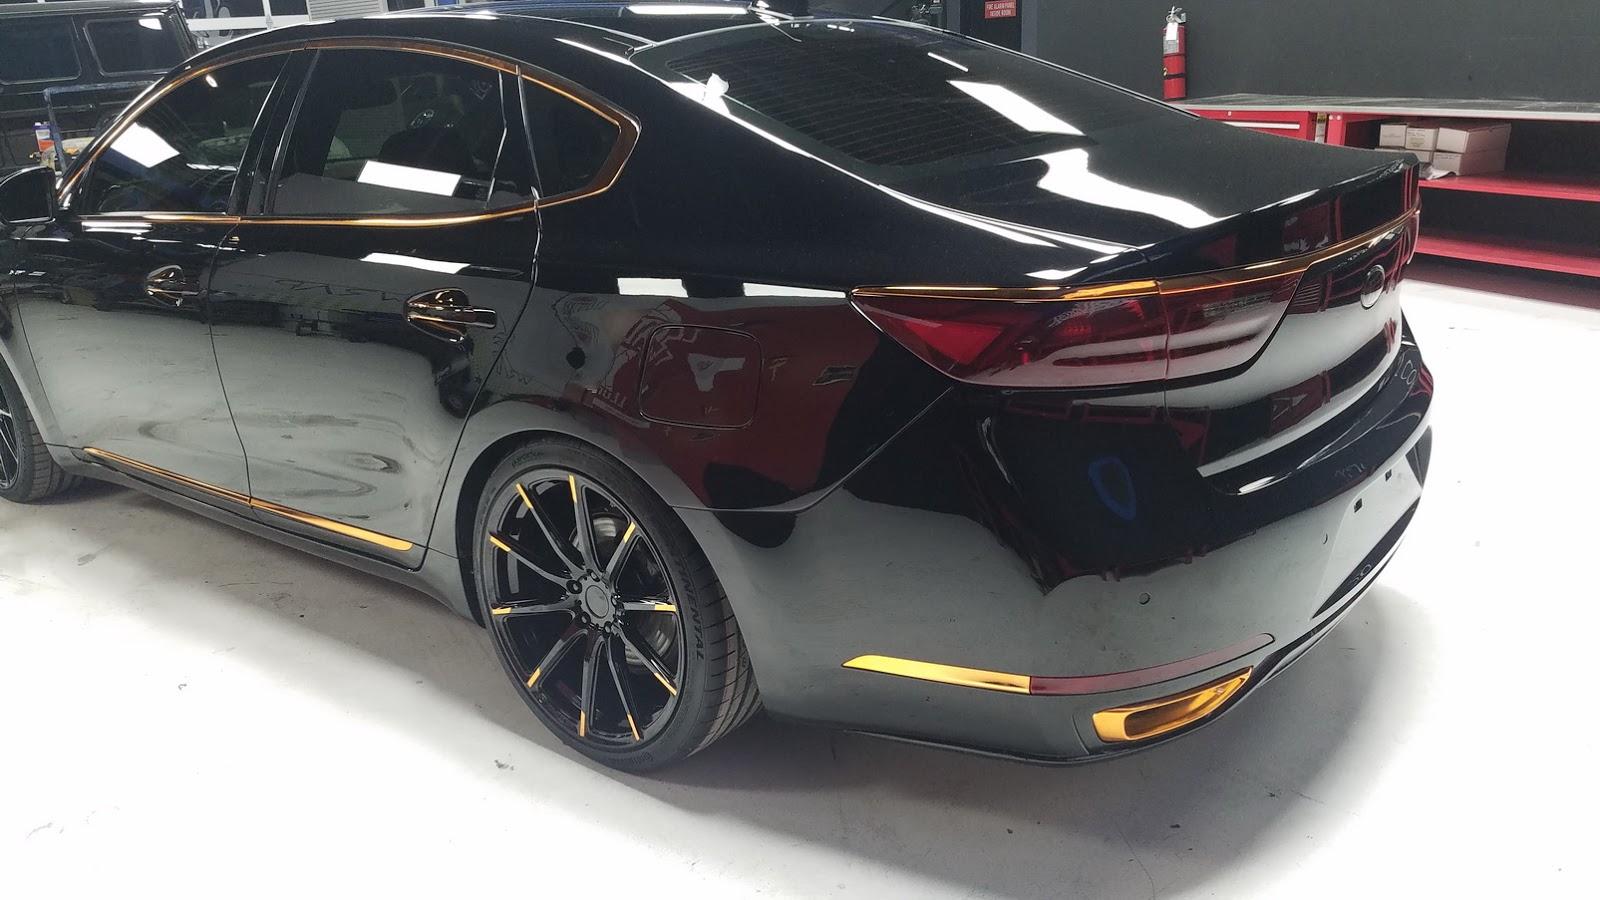 kia-sema-2017-show-cars-20